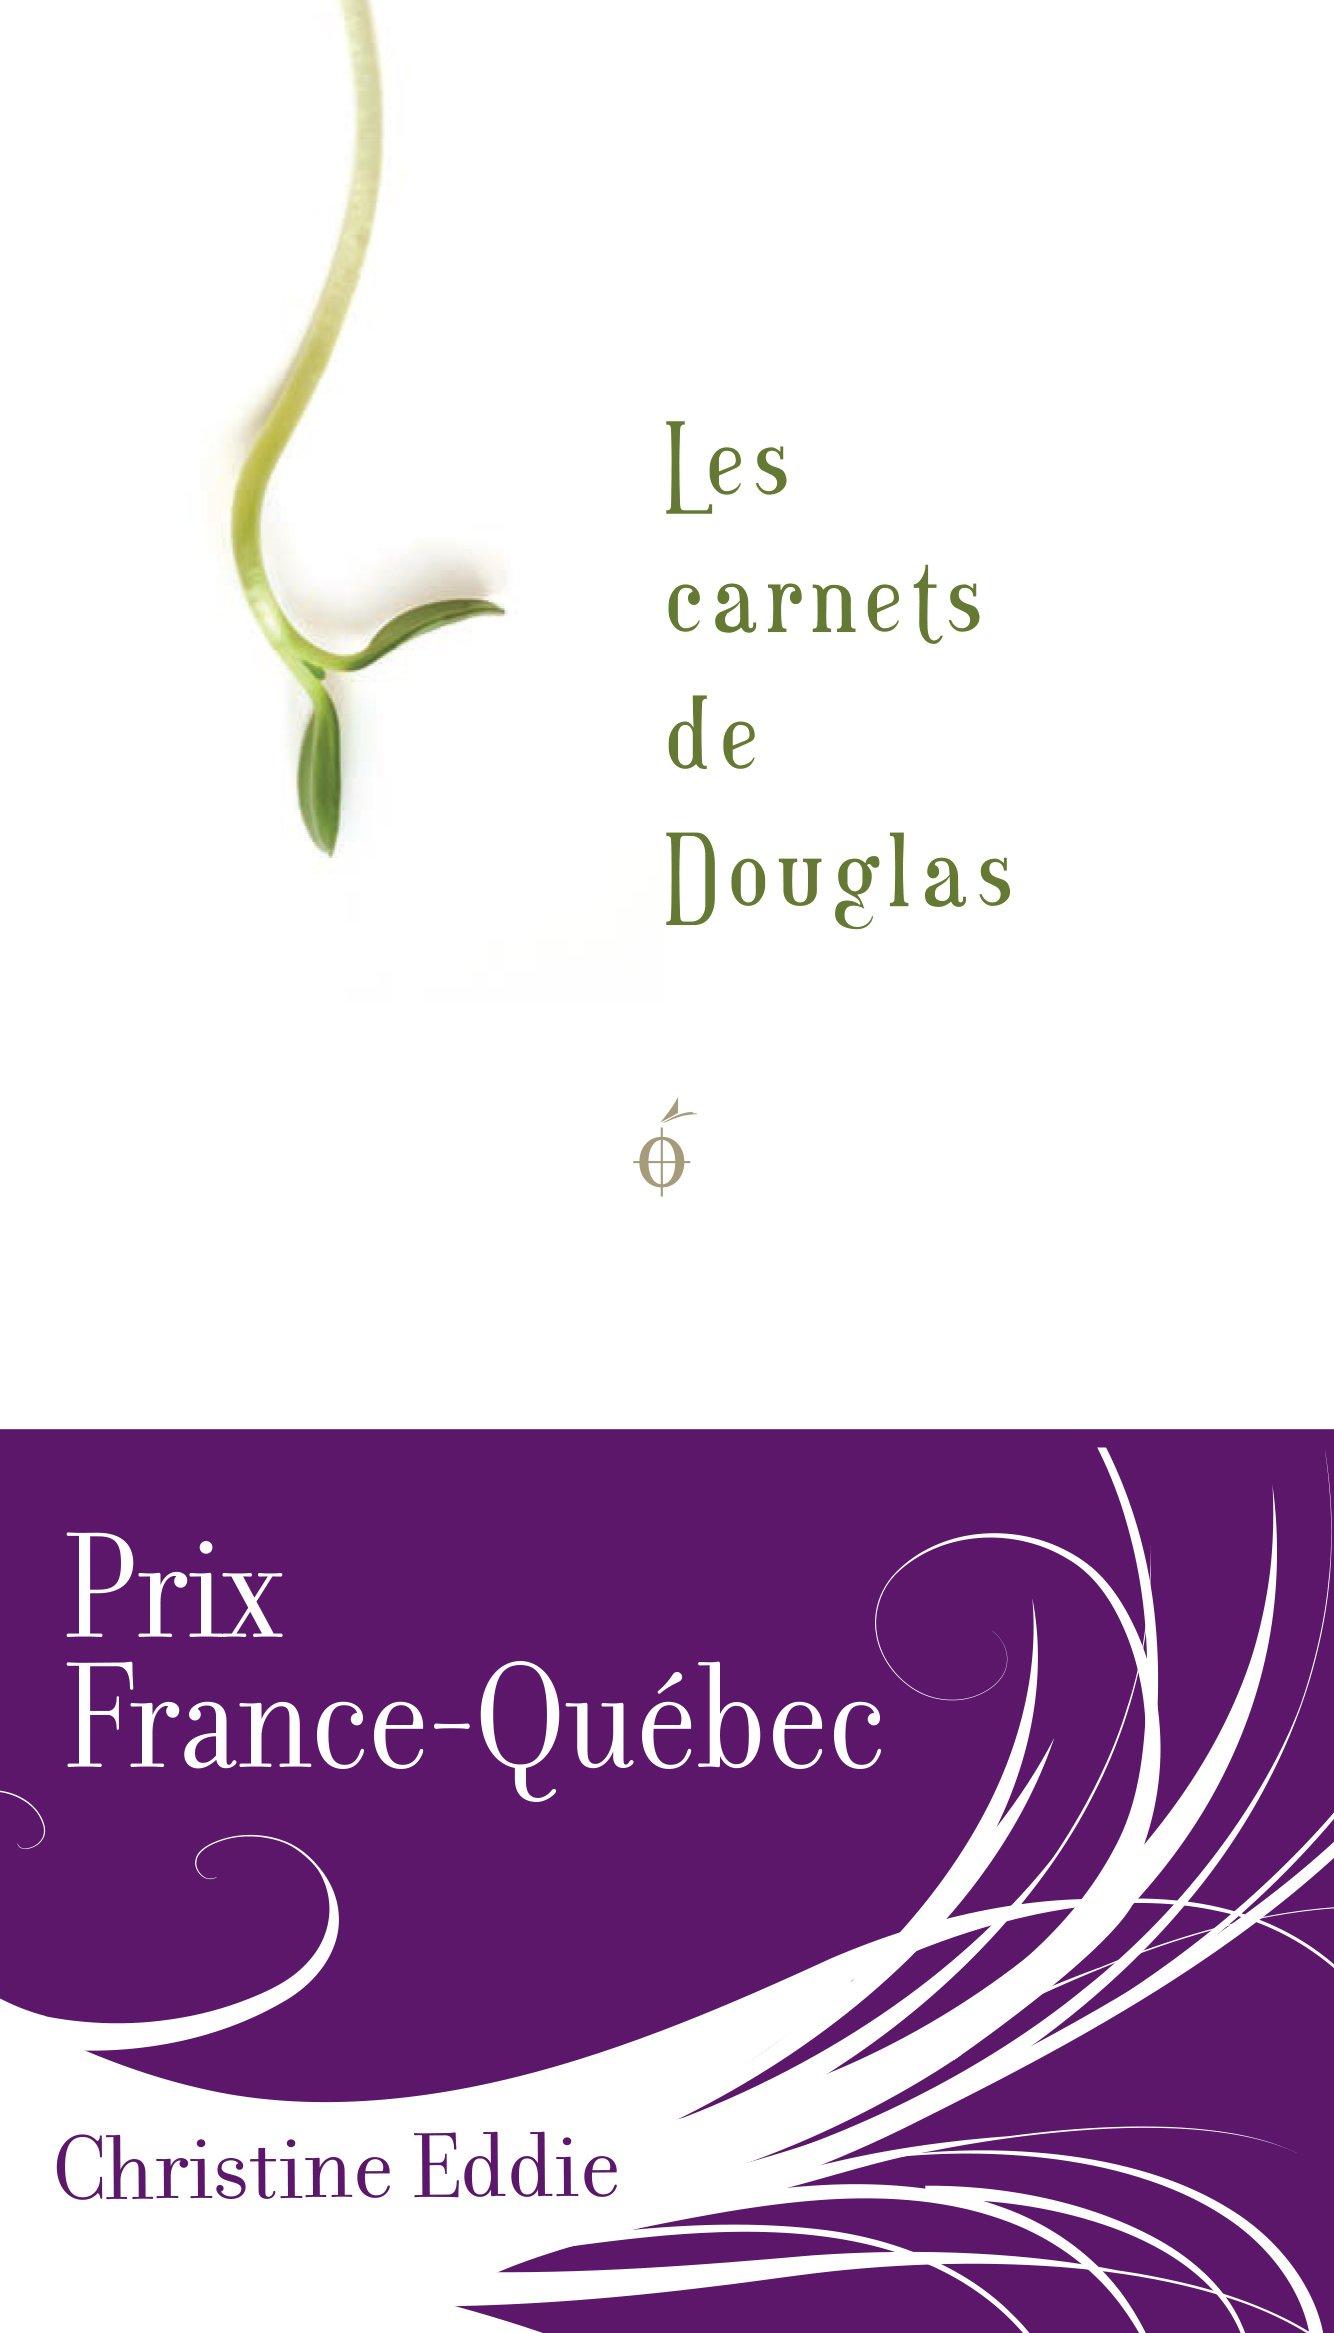 Carnets de Douglas (Les) - Christine Eddie